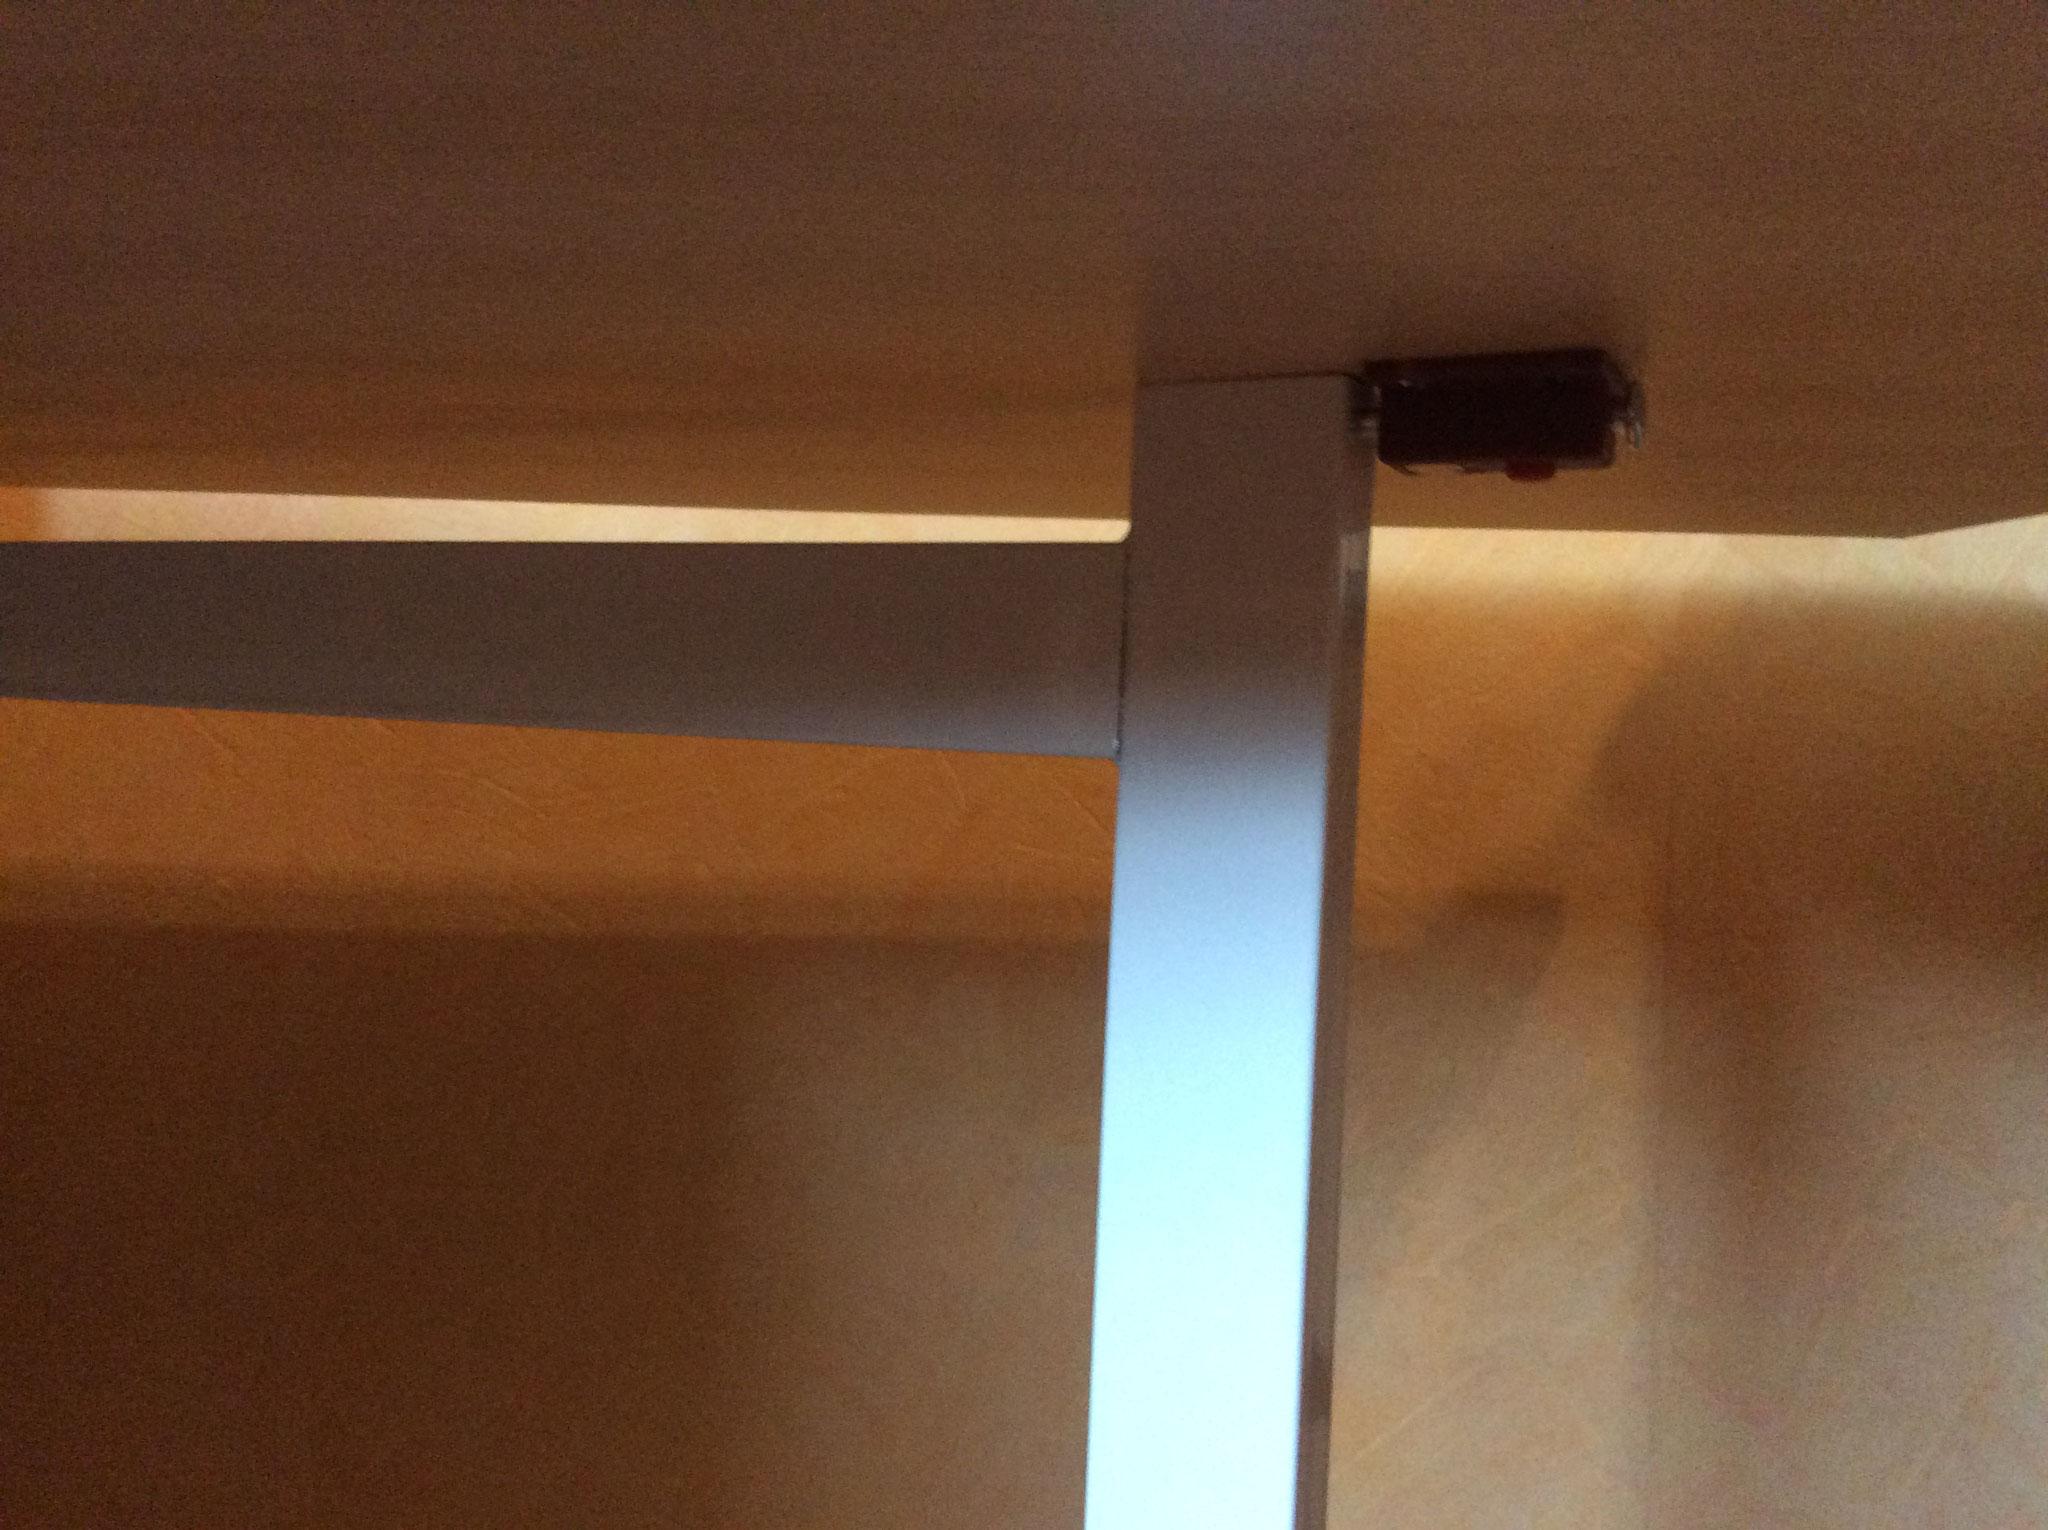 Schanier, dass das Tischbein mit der Tischplatte fest verbindet